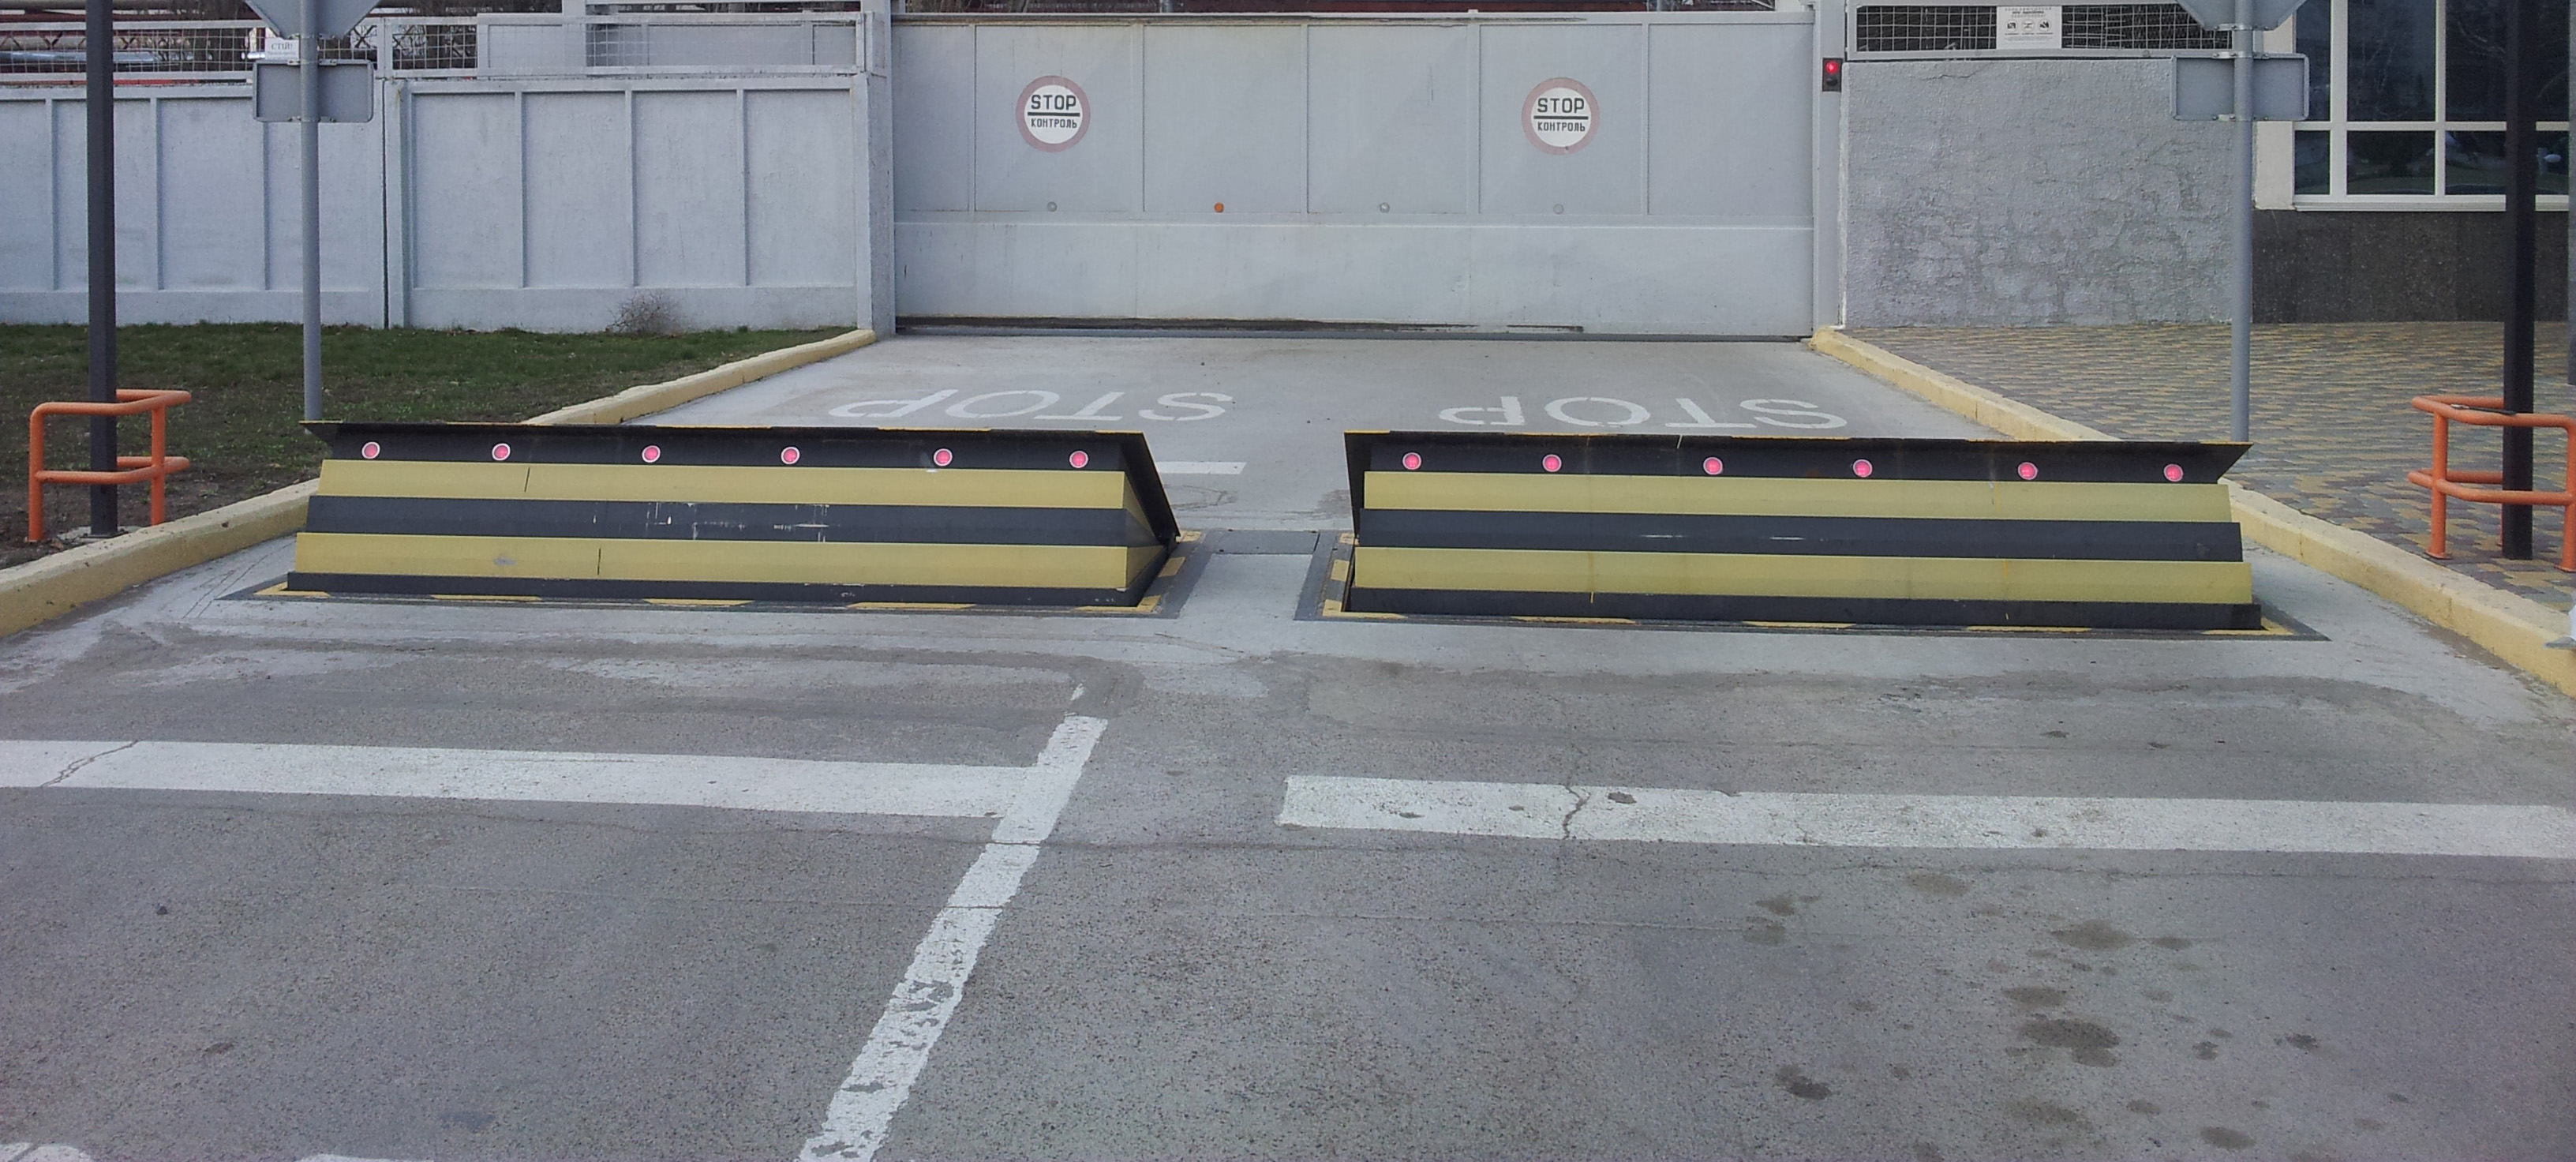 حواجز الطرق الأمنية العالية ، موقع الإنتاج ، أوكرانيا